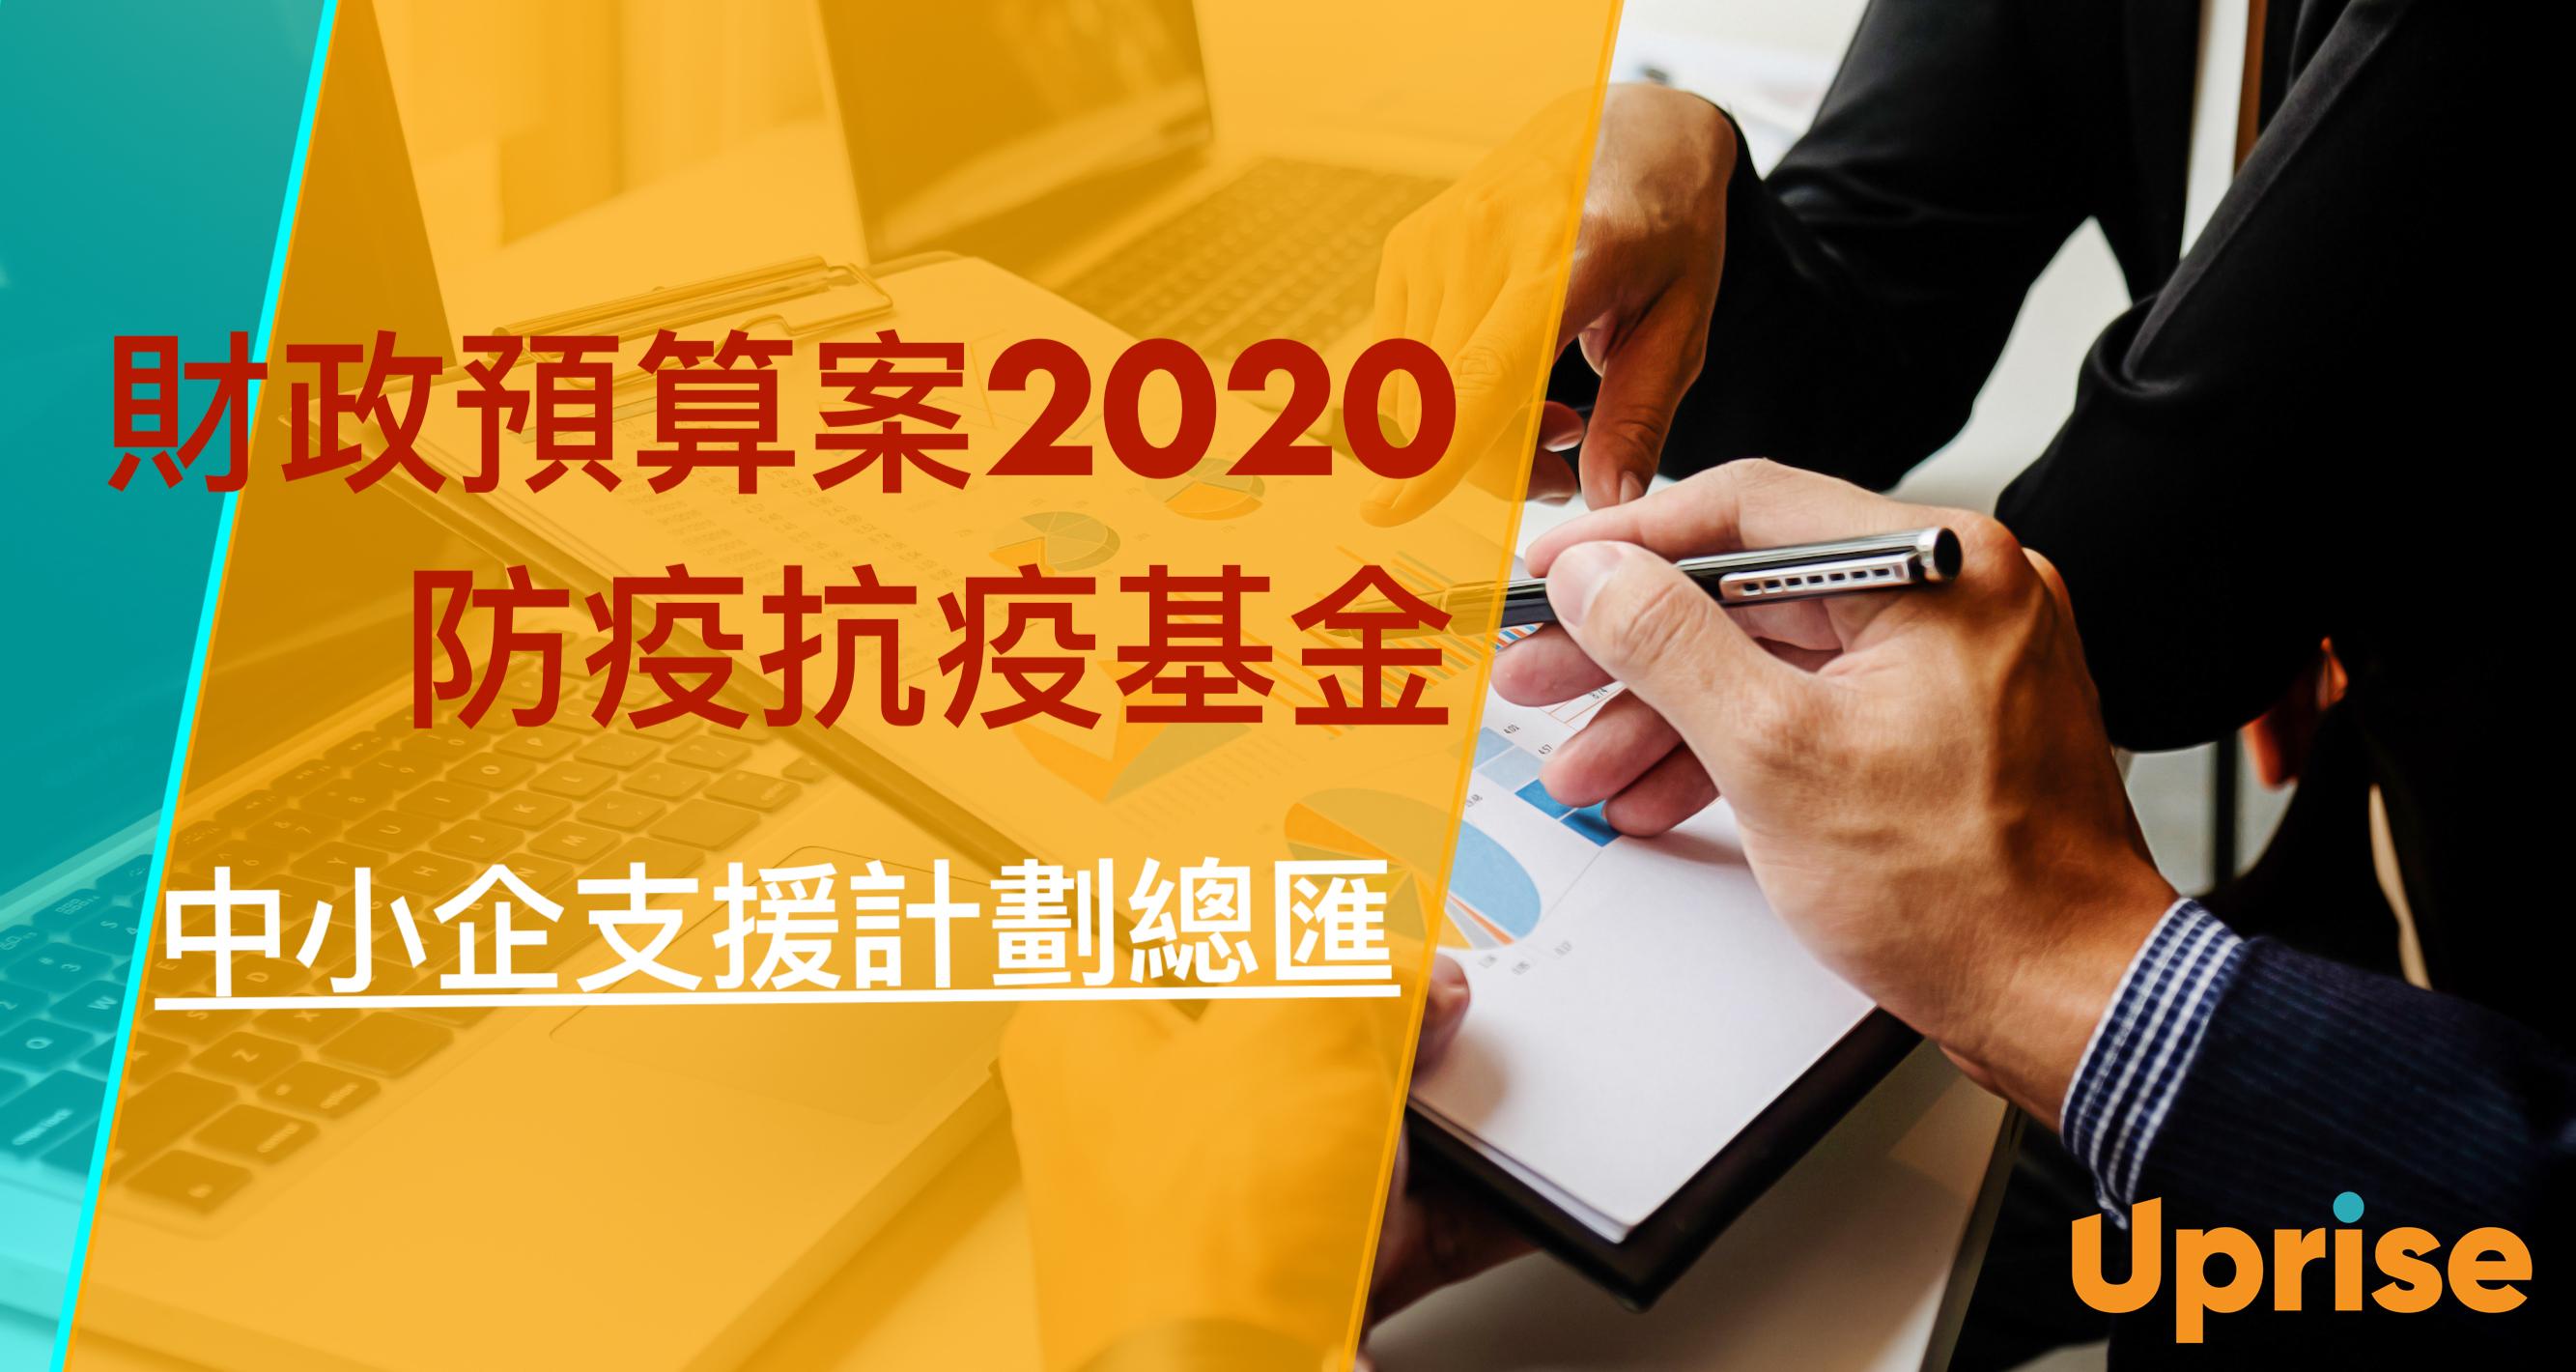 Uprise - Business Insights - 【香港中小企資助】財政預算案2020/防疫抗疫基金|中小企支援計劃總匯